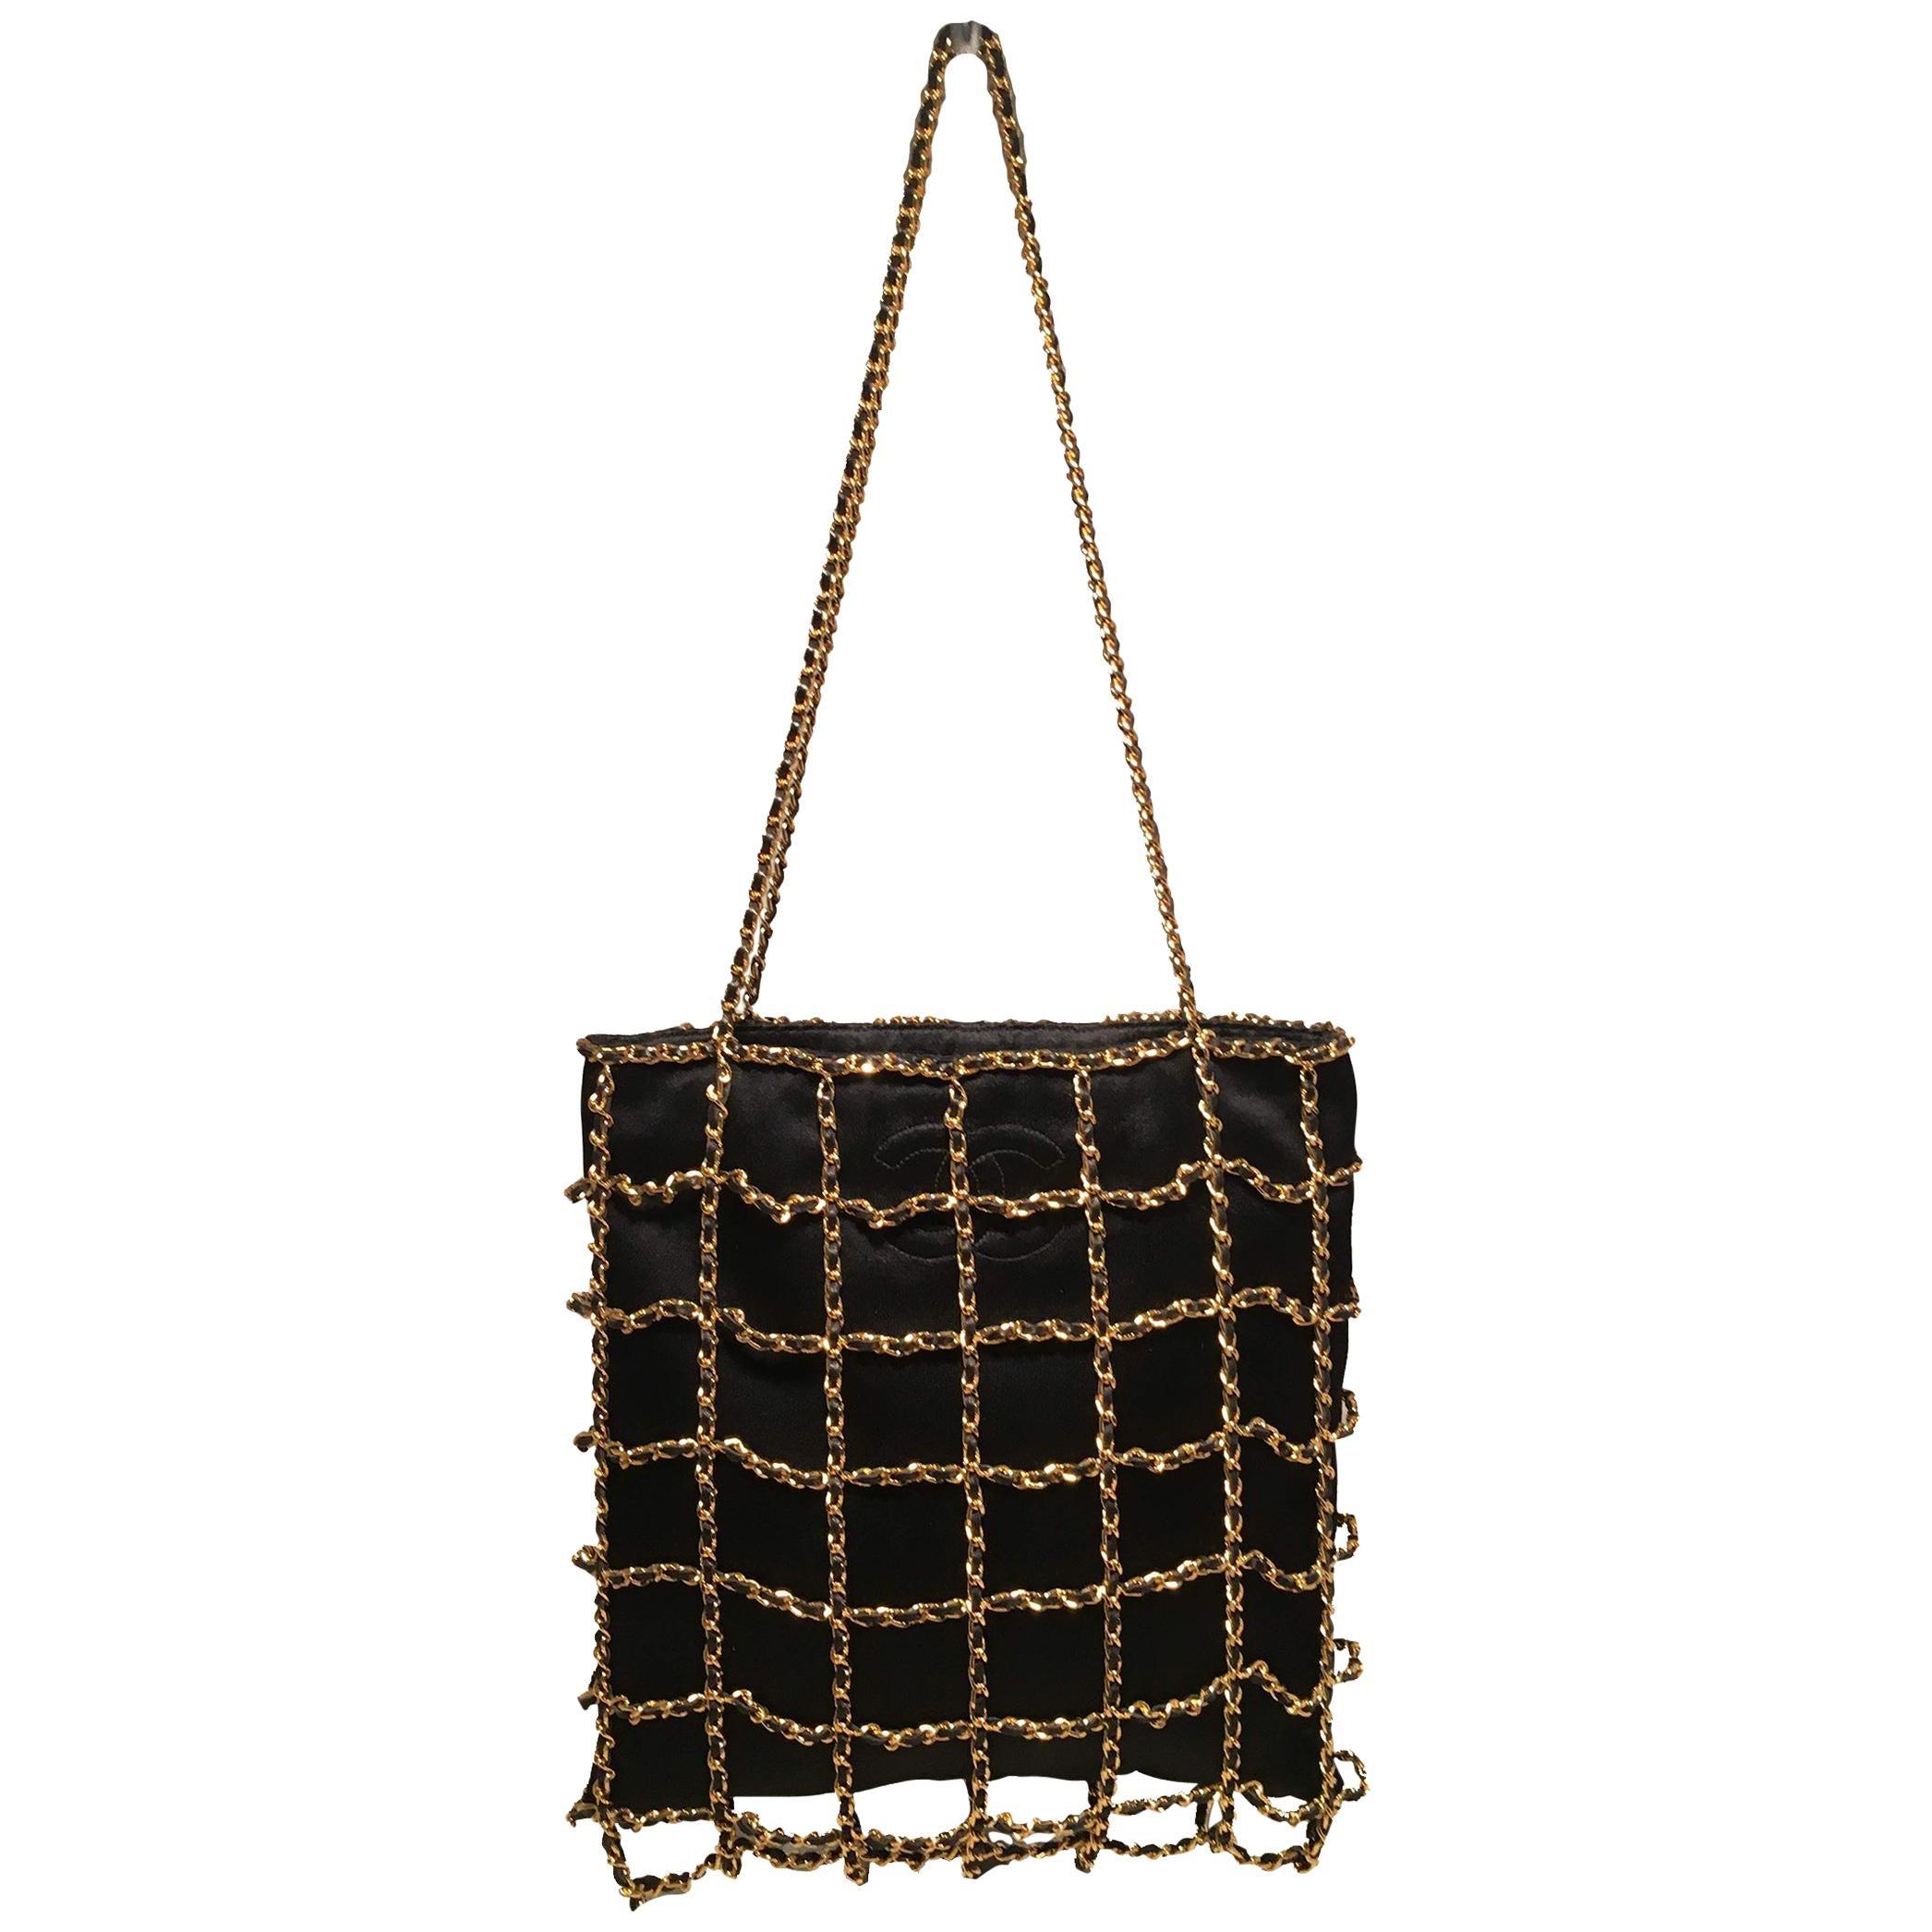 RARE Chanel Vintage Black Silk Chain Cage Evening Shoulder Bag